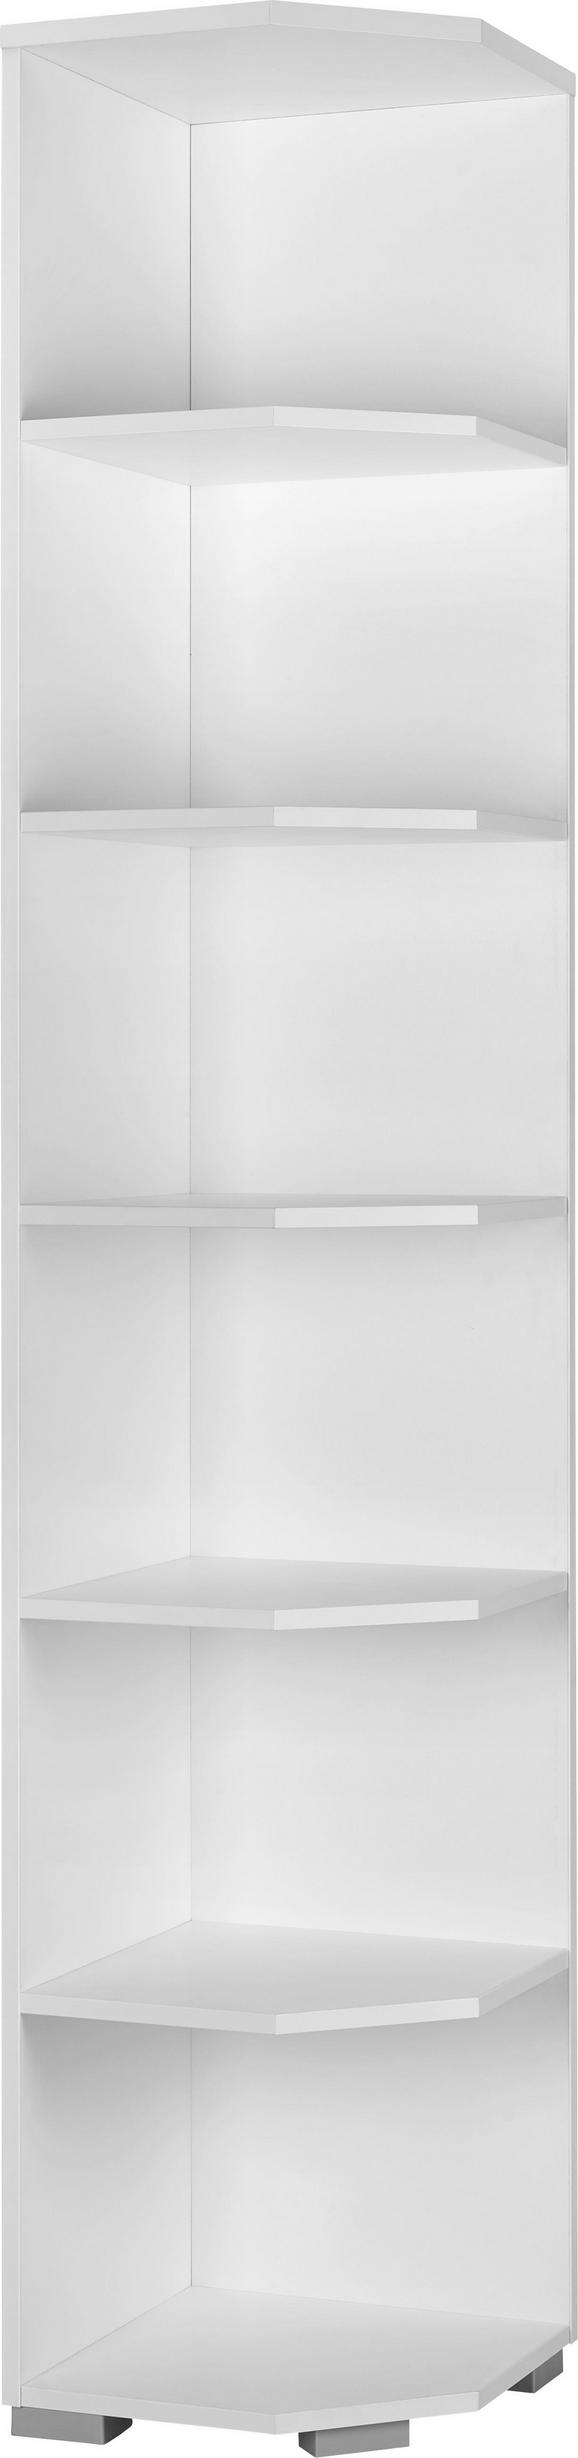 abschlussregal in Weiß - Alufarben/Weiß, MODERN, Holzwerkstoff/Kunststoff (40/214,4/40cm) - MÖMAX modern living